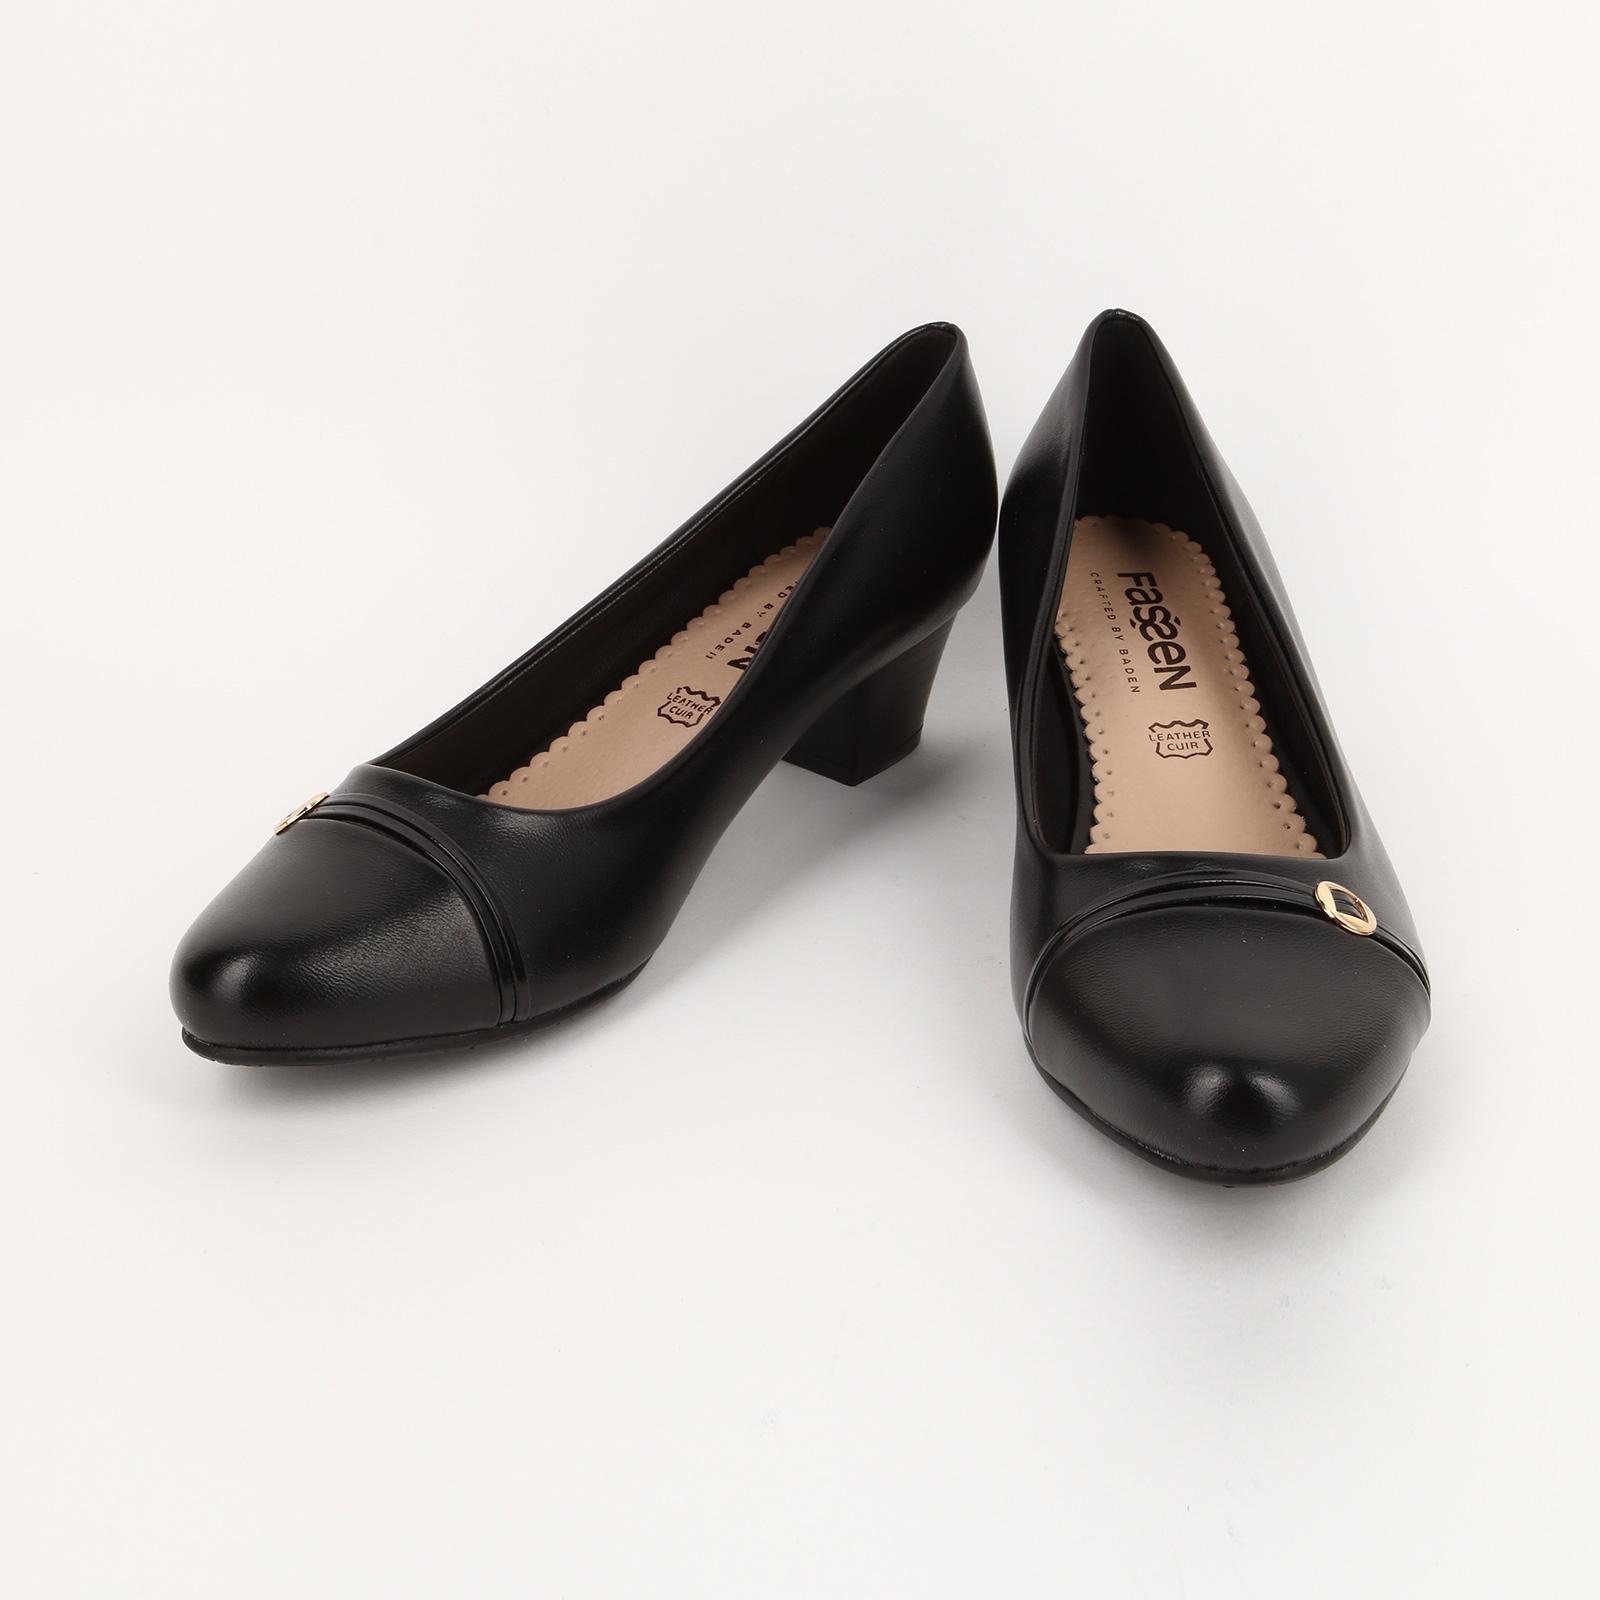 Туфли на каблуке с декоративным элементом